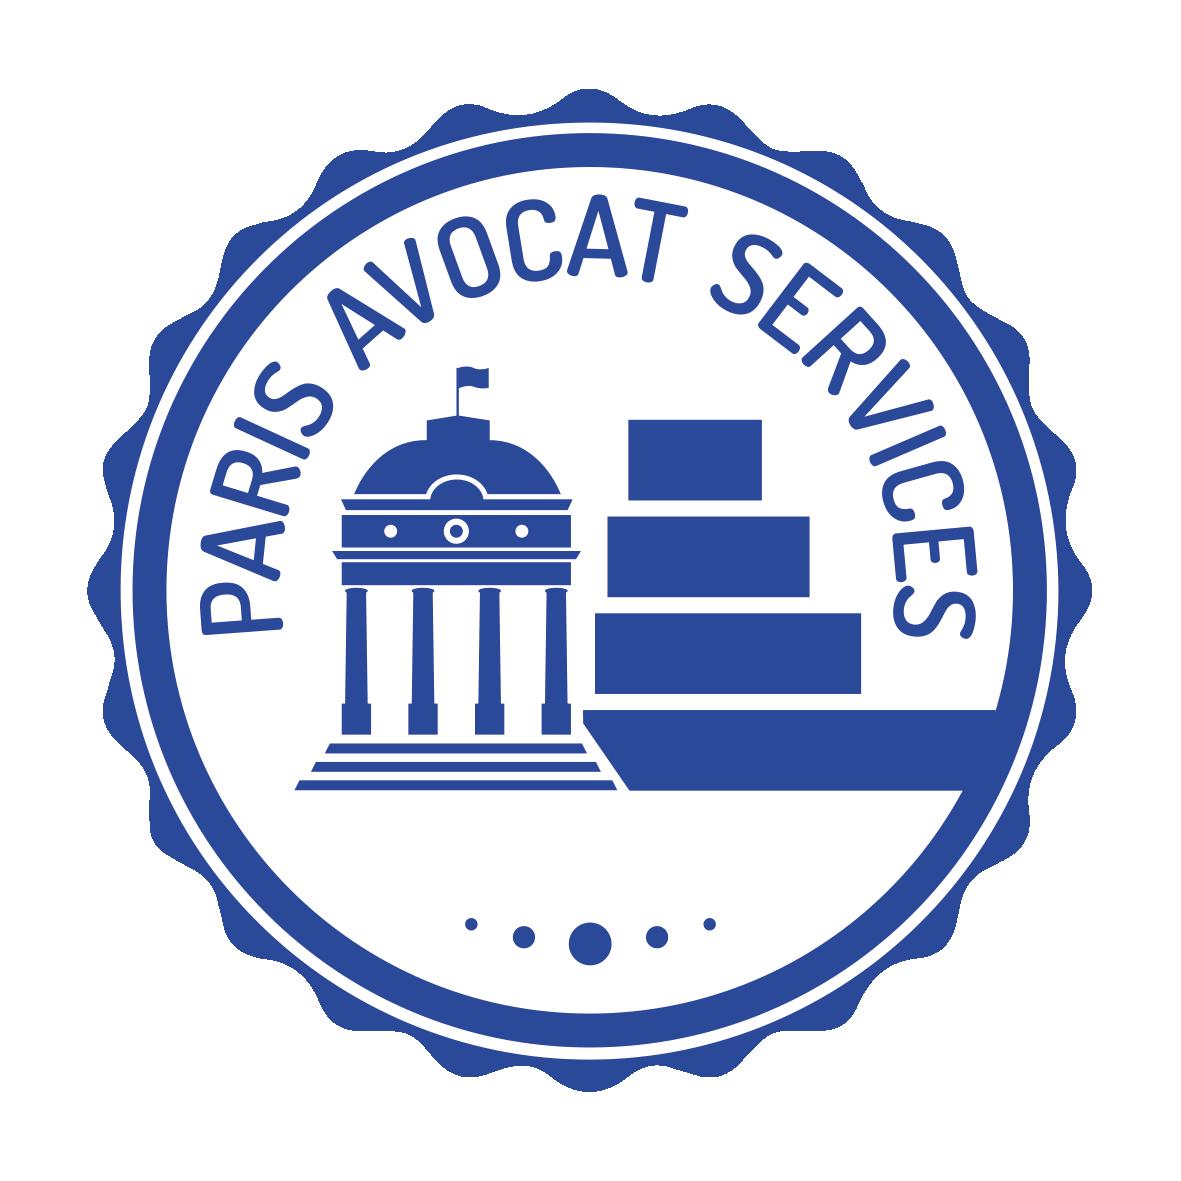 Paris Avocat Services